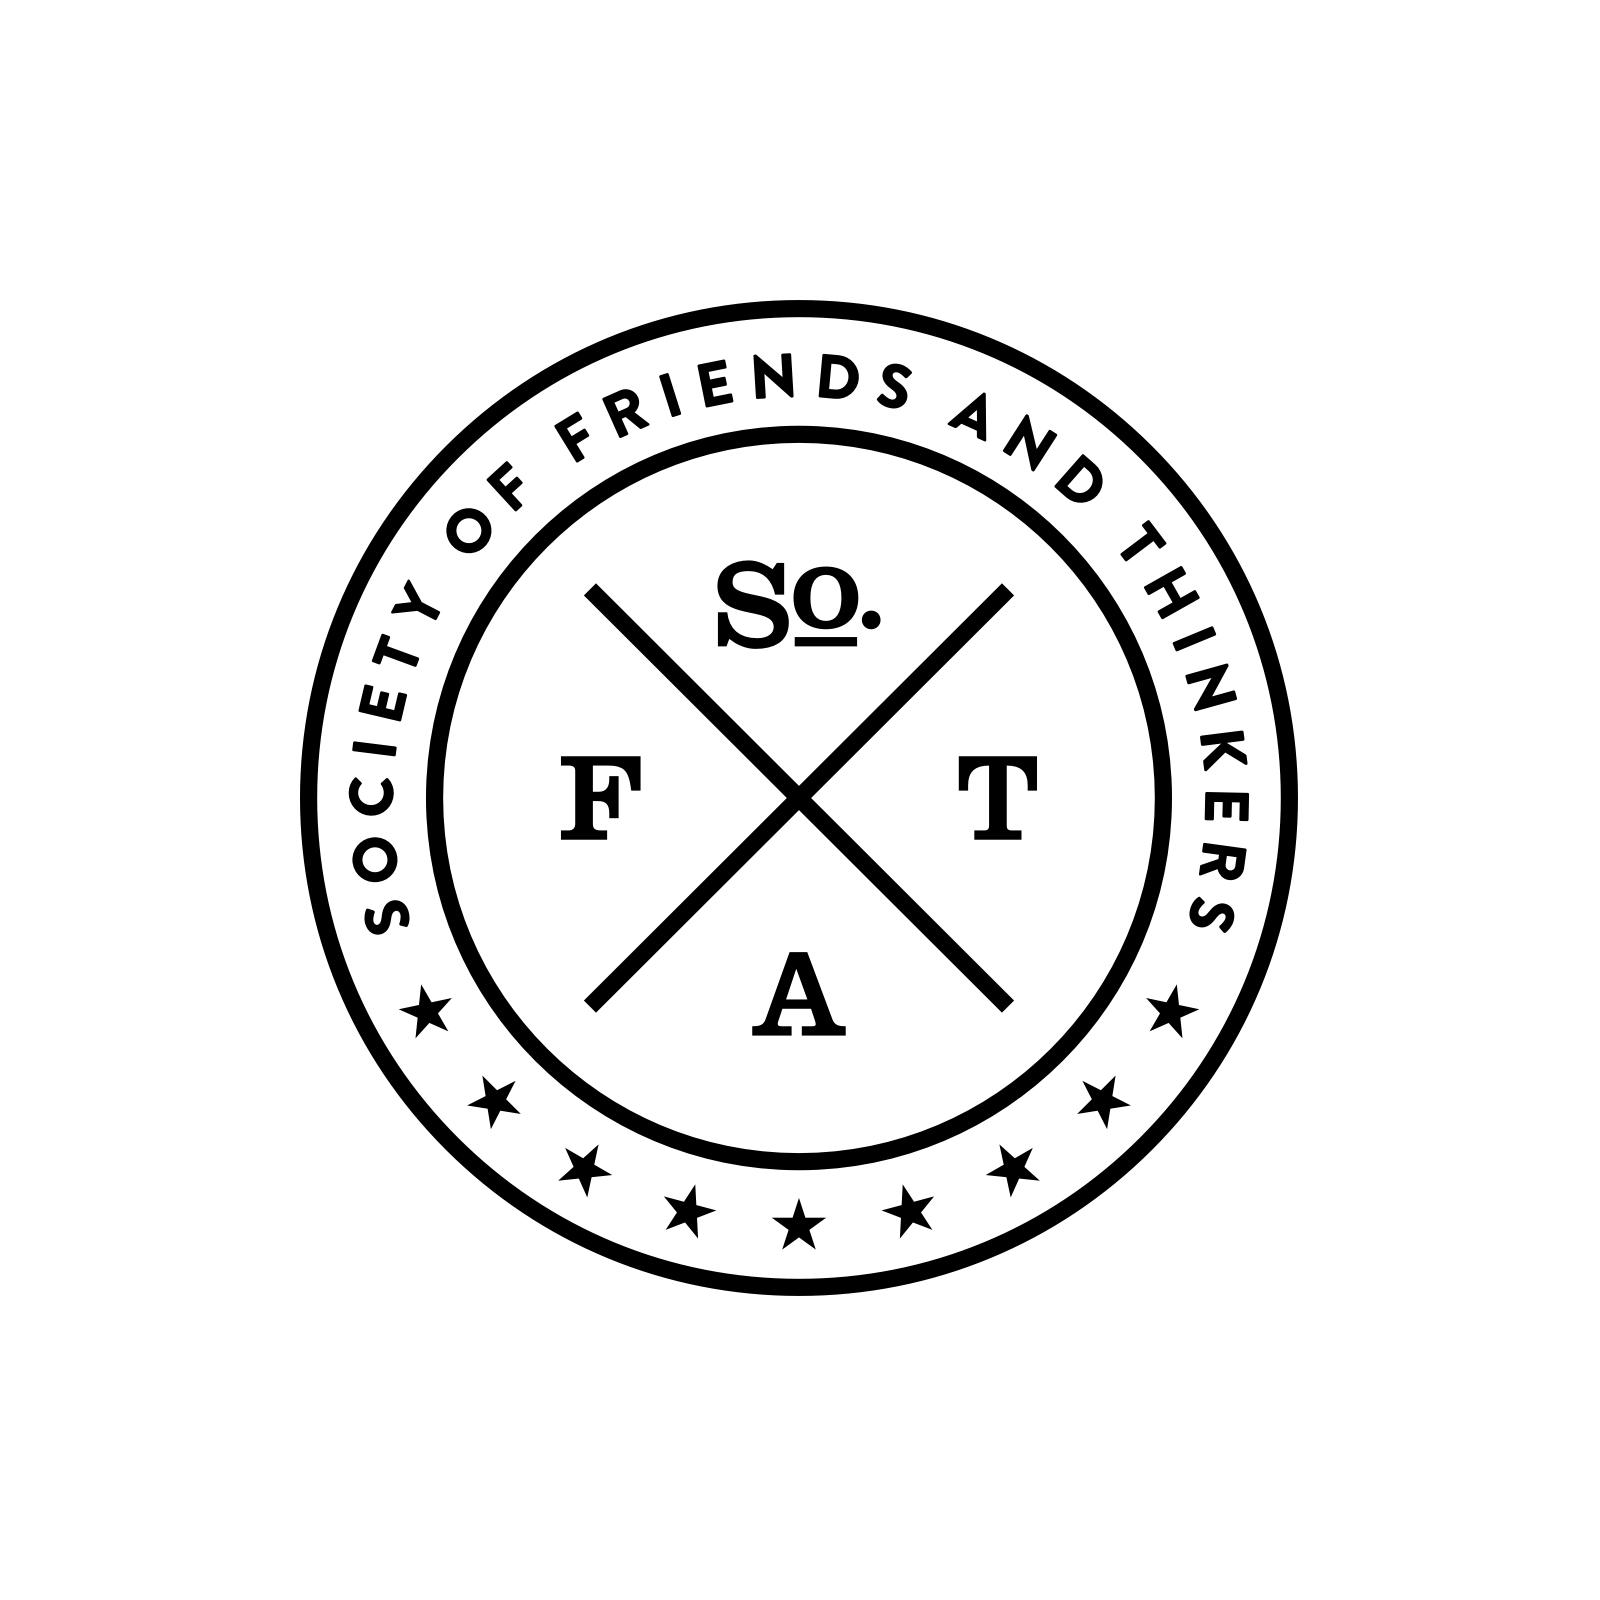 logo1 copy 54@2x.jpg